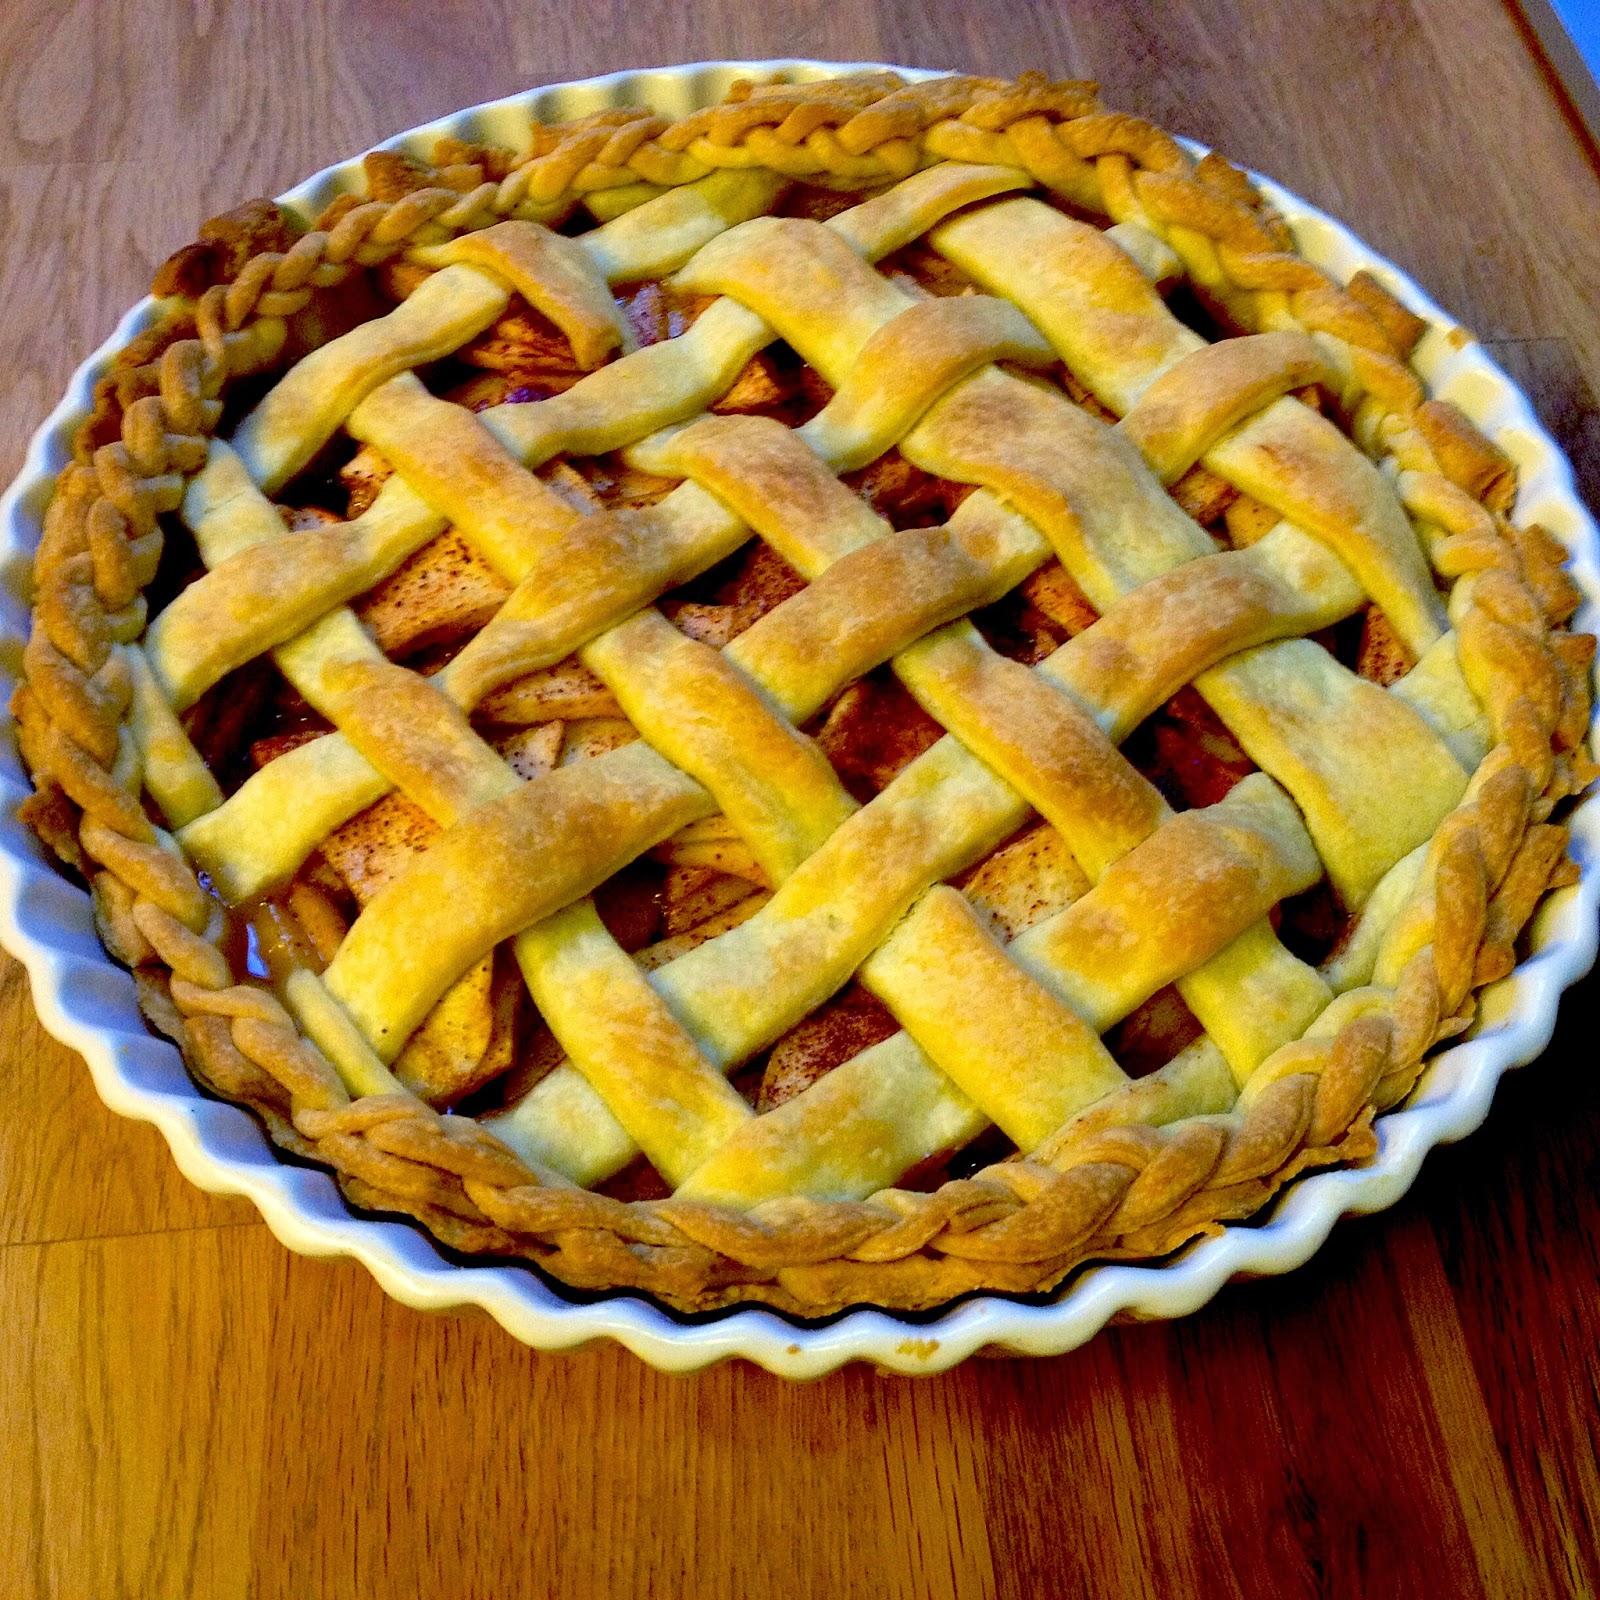 lattice crust homemade apple pie recipe